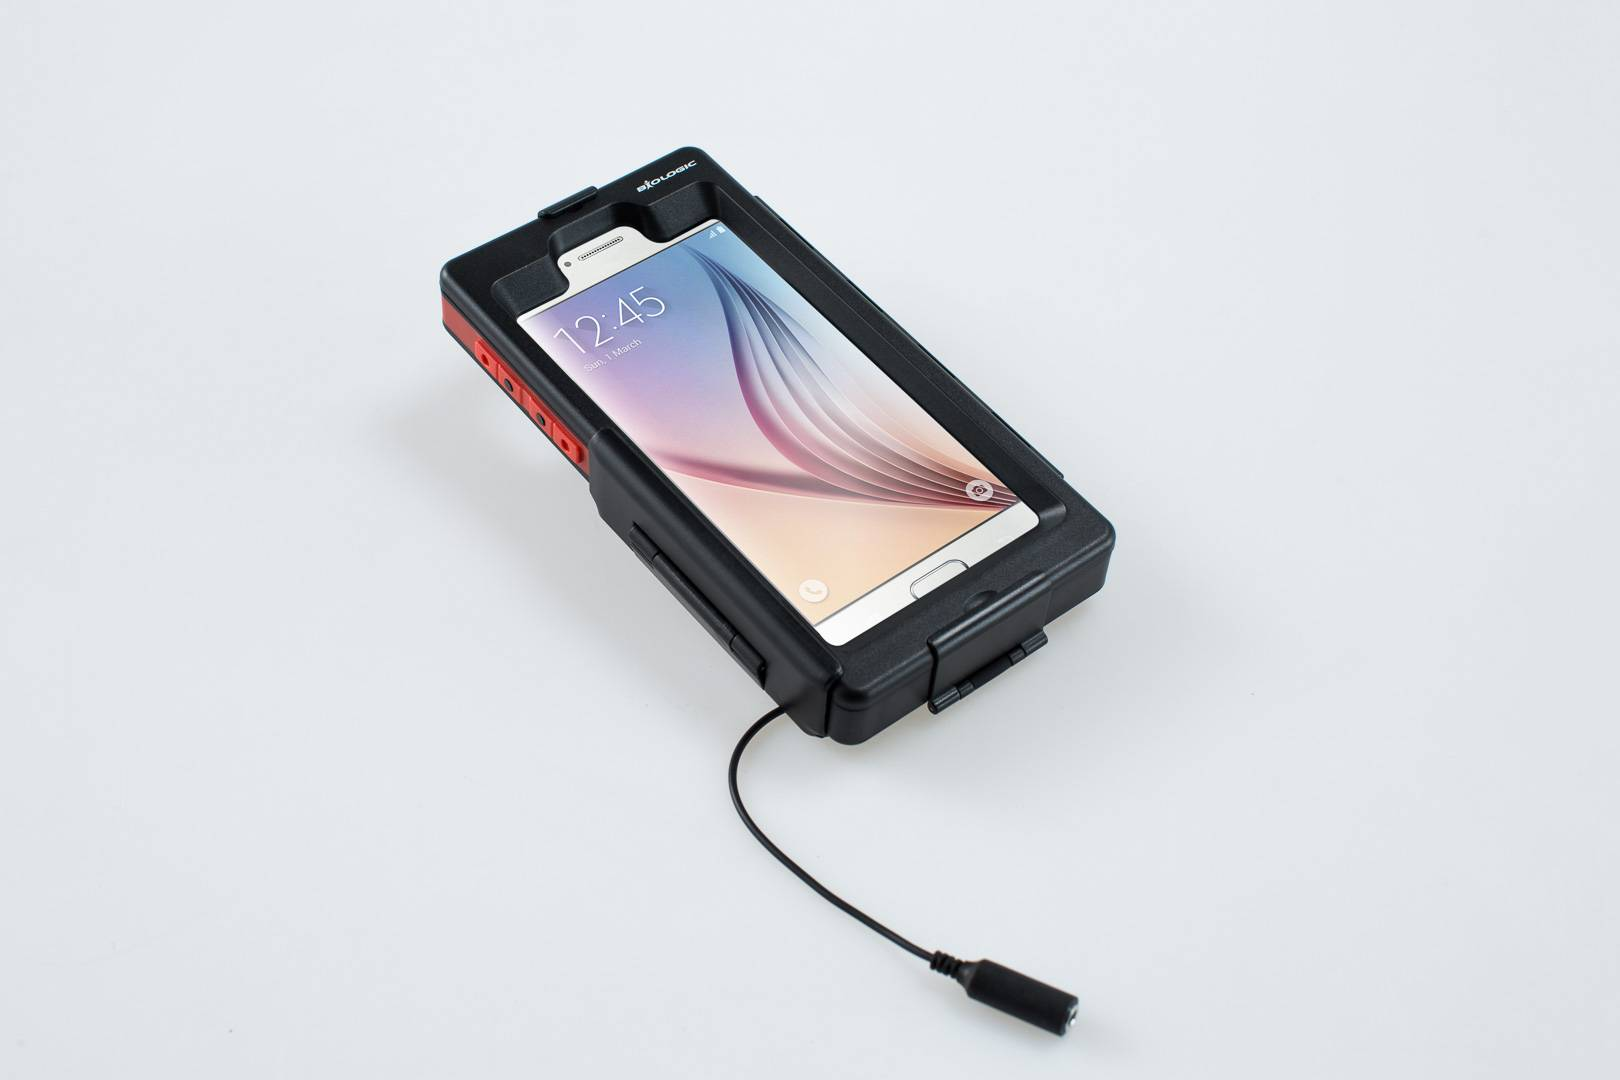 SW-Motech Étui rigide pour Samsung Galaxy S7 - Étanche. Noir. Pour support GPS. taille :